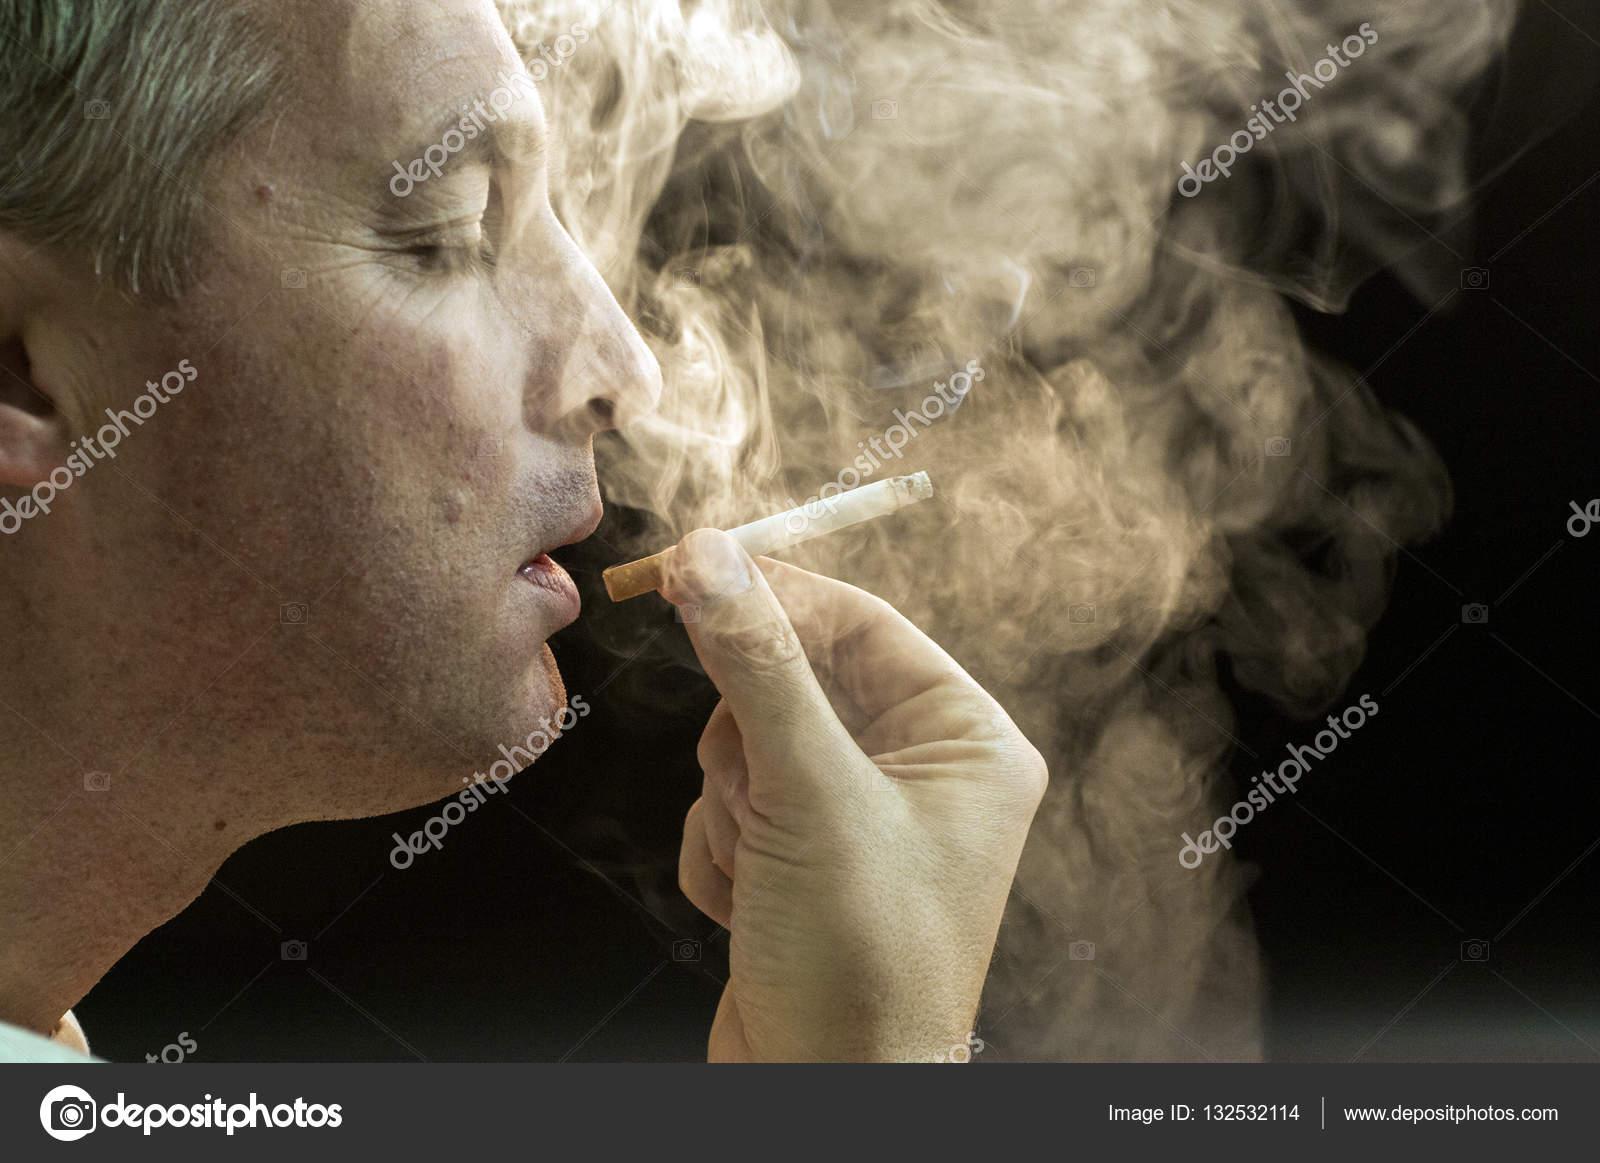 enfermedades sobre la nicotina